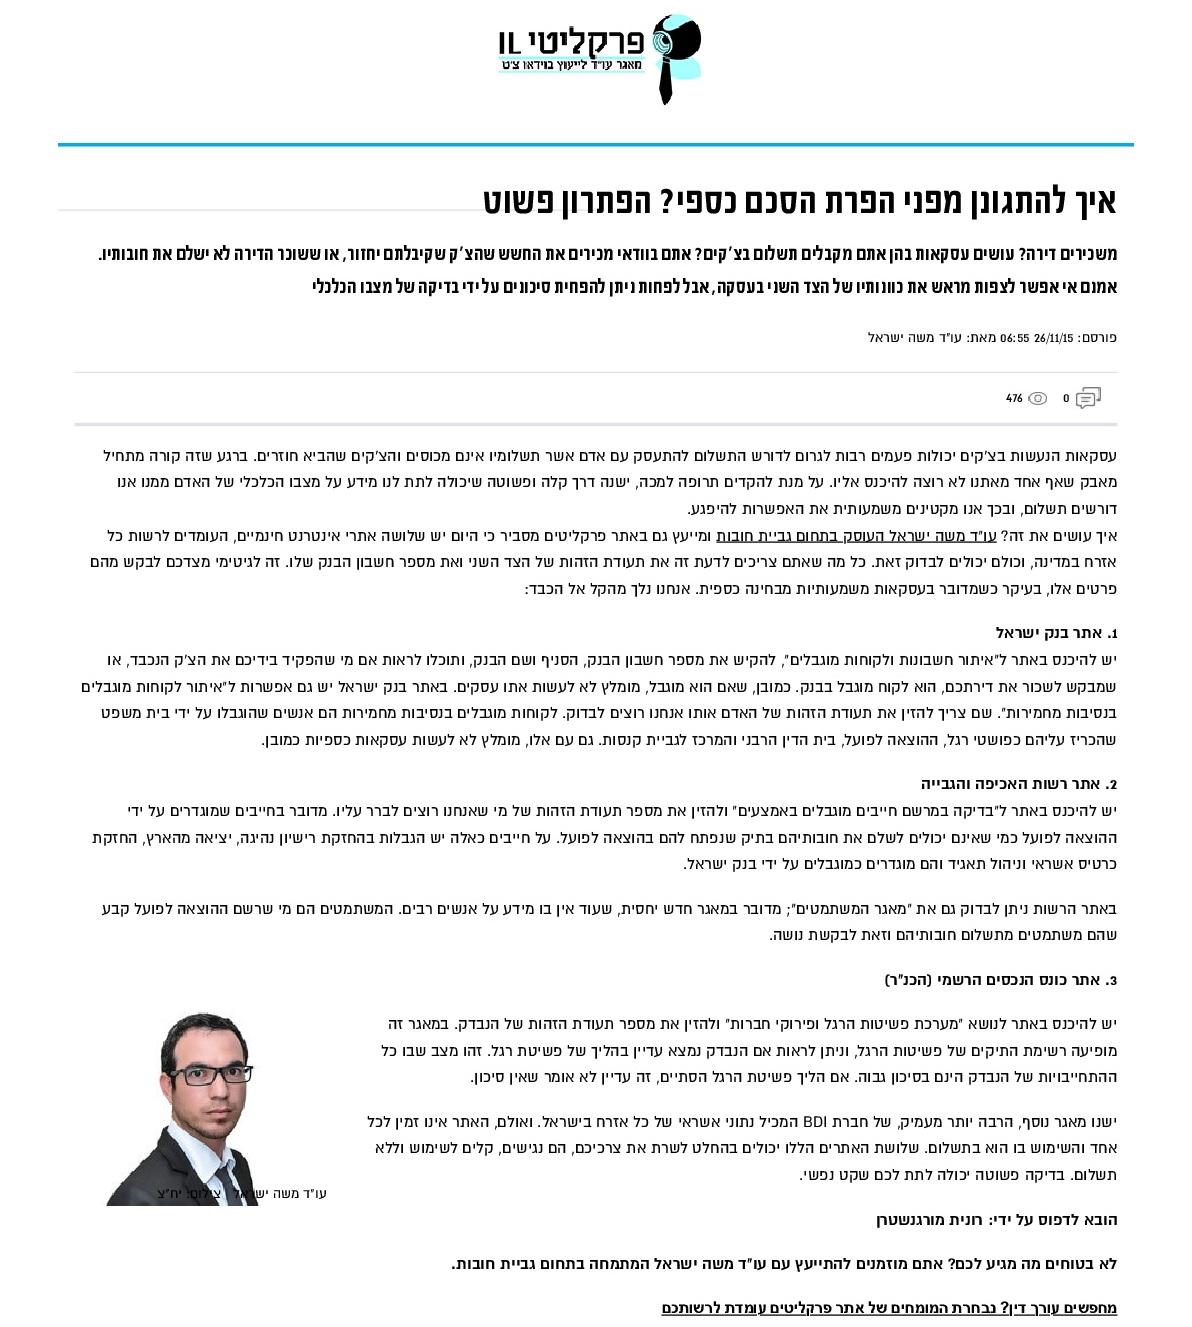 פרקליטיIL - איך להתגונן מפני הפרת הסכם כספי